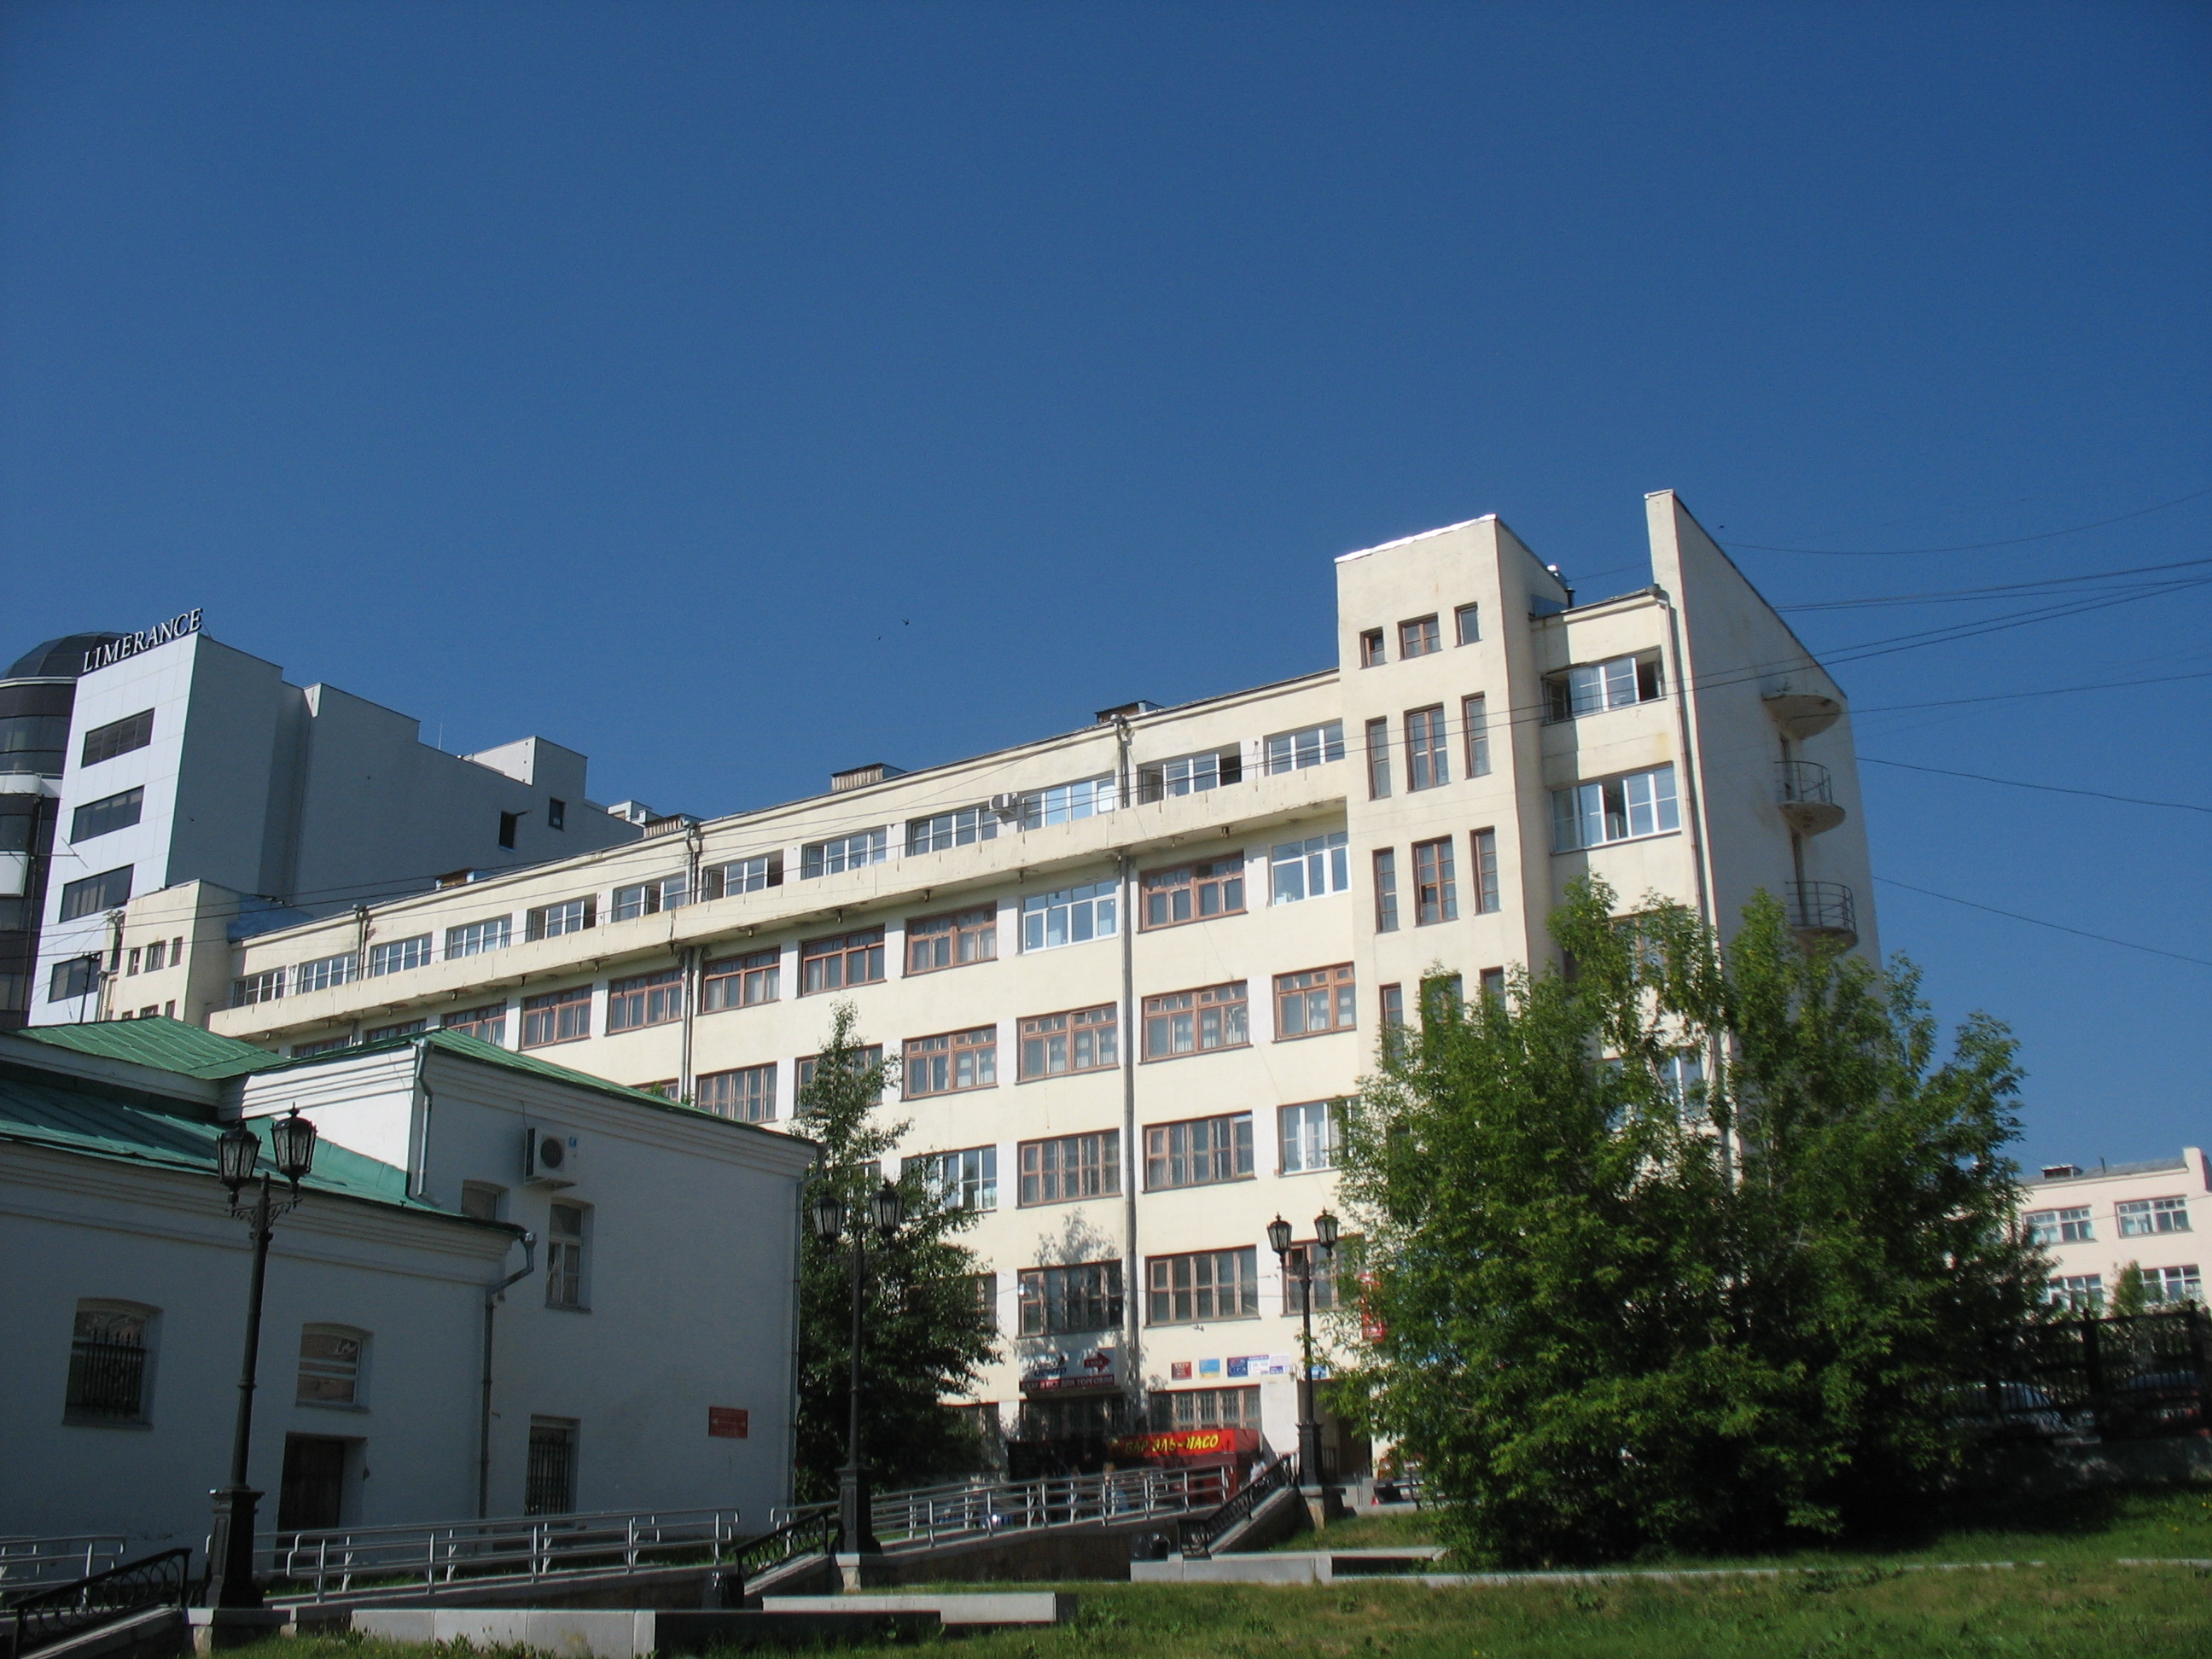 Историческую ценность здания на Воеводина определит экспертиза